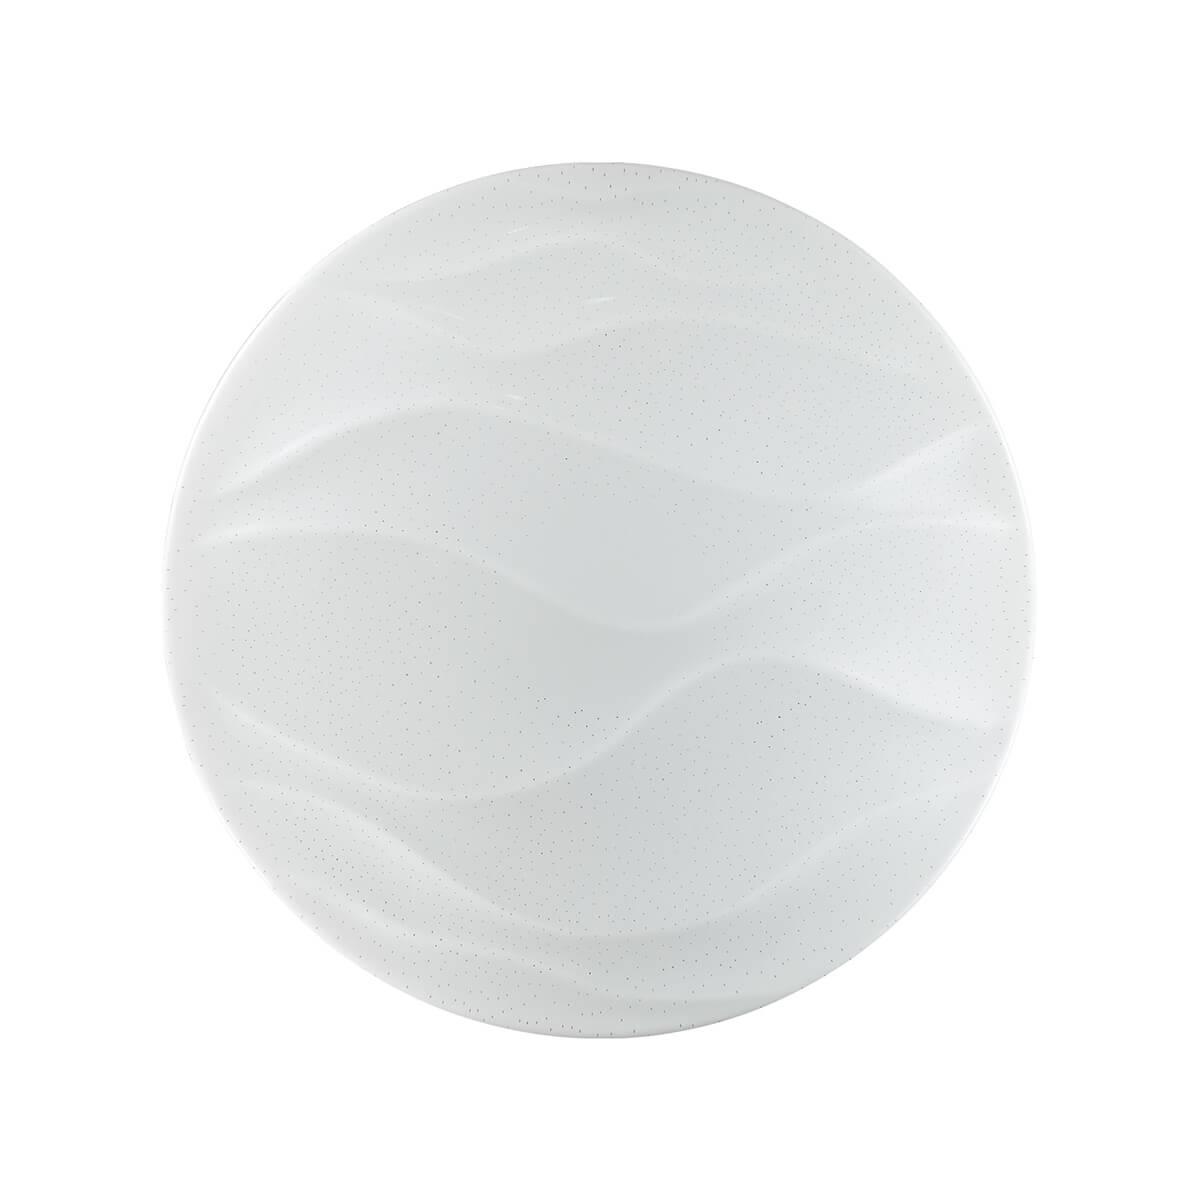 Светильник Sonex 2090/ML потолочный светильник sonex накладной потолочный 1219 a